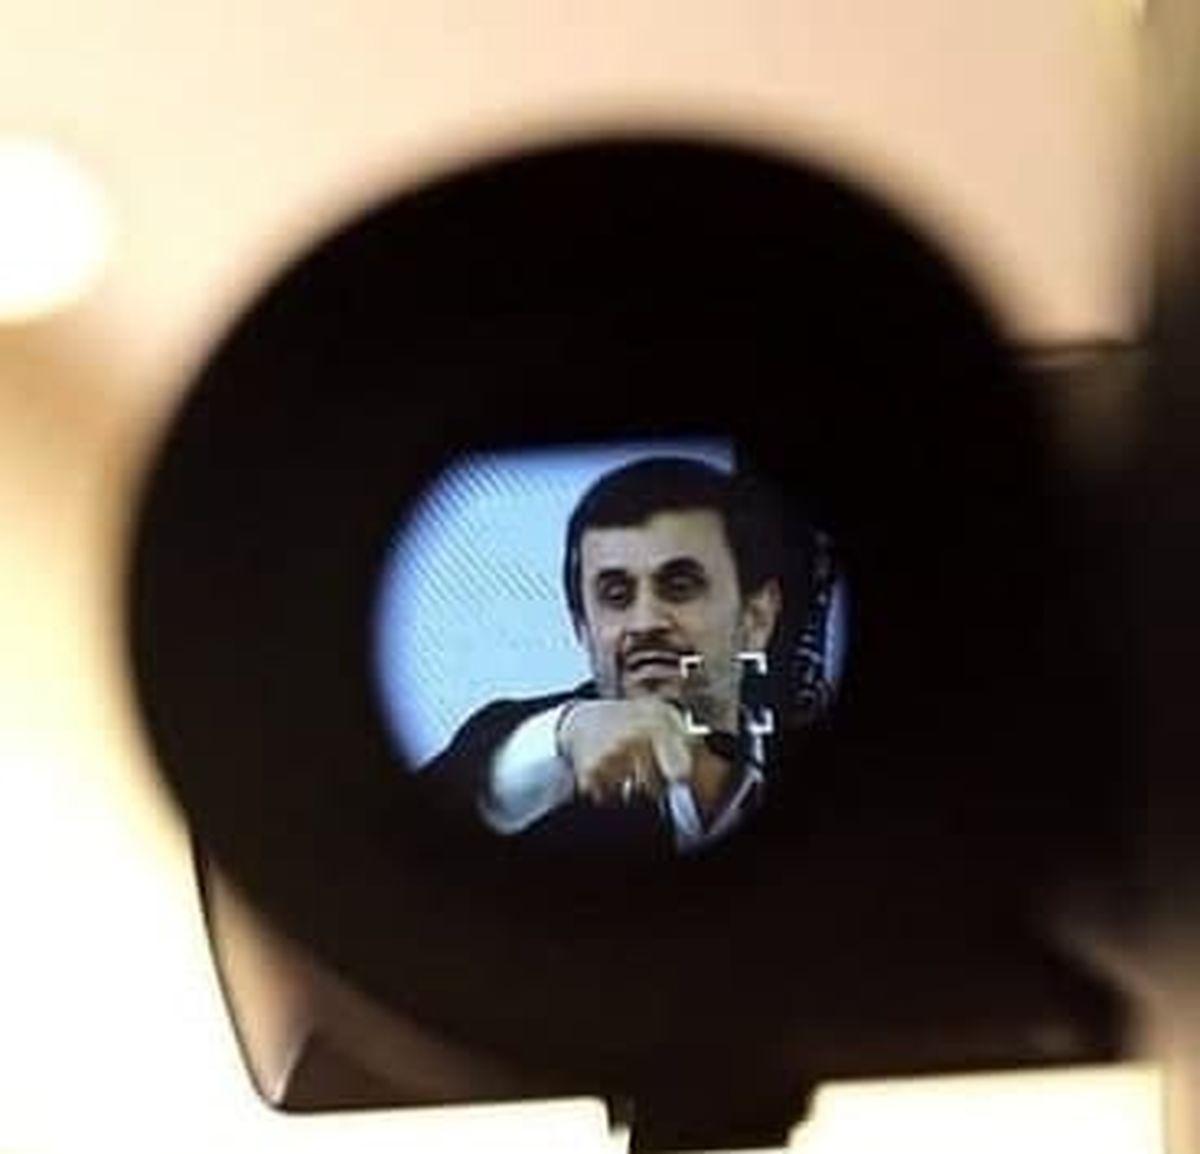 توضیحات جنجالی محمود احمدی نژاد درباره هاله نور+جزئیات بیشتر